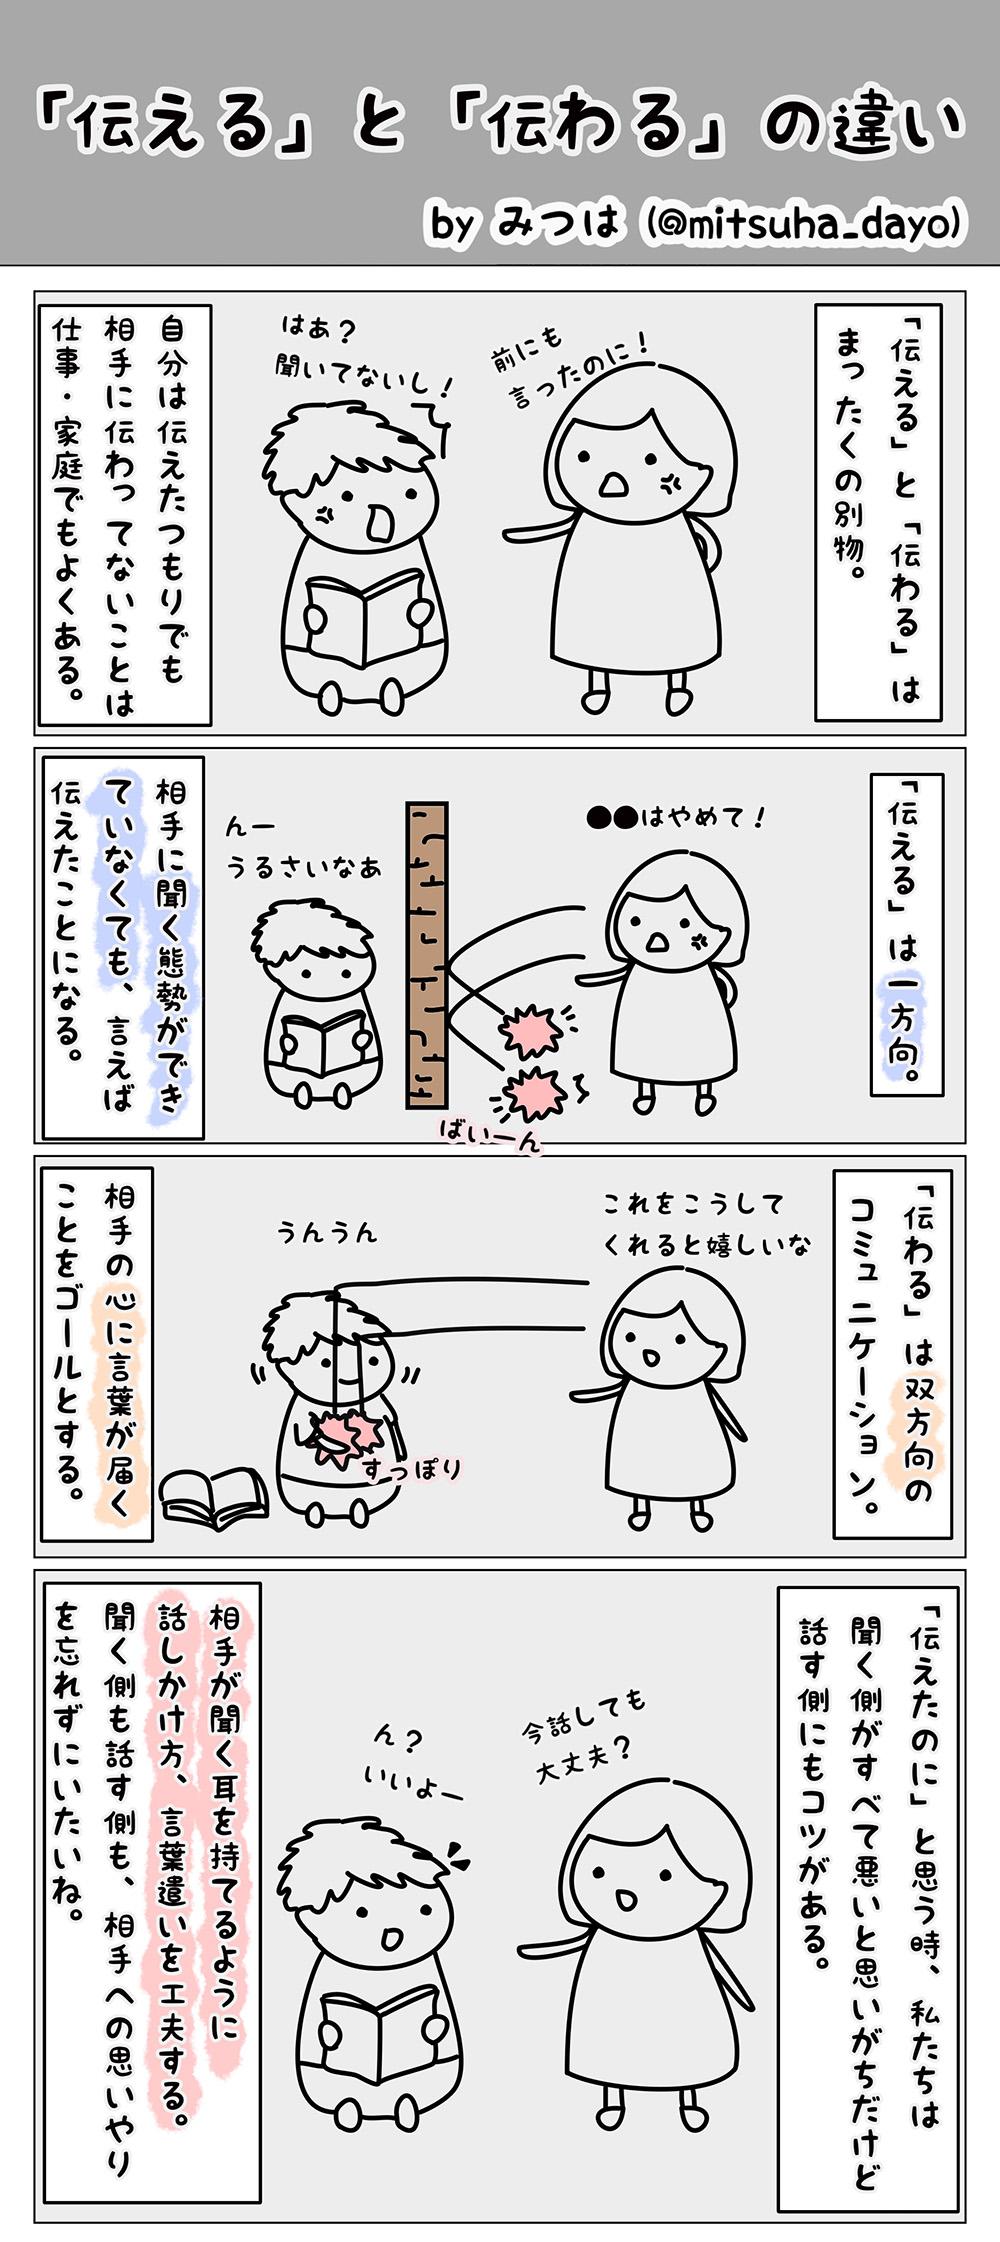 Tsutaeru tsutawaru